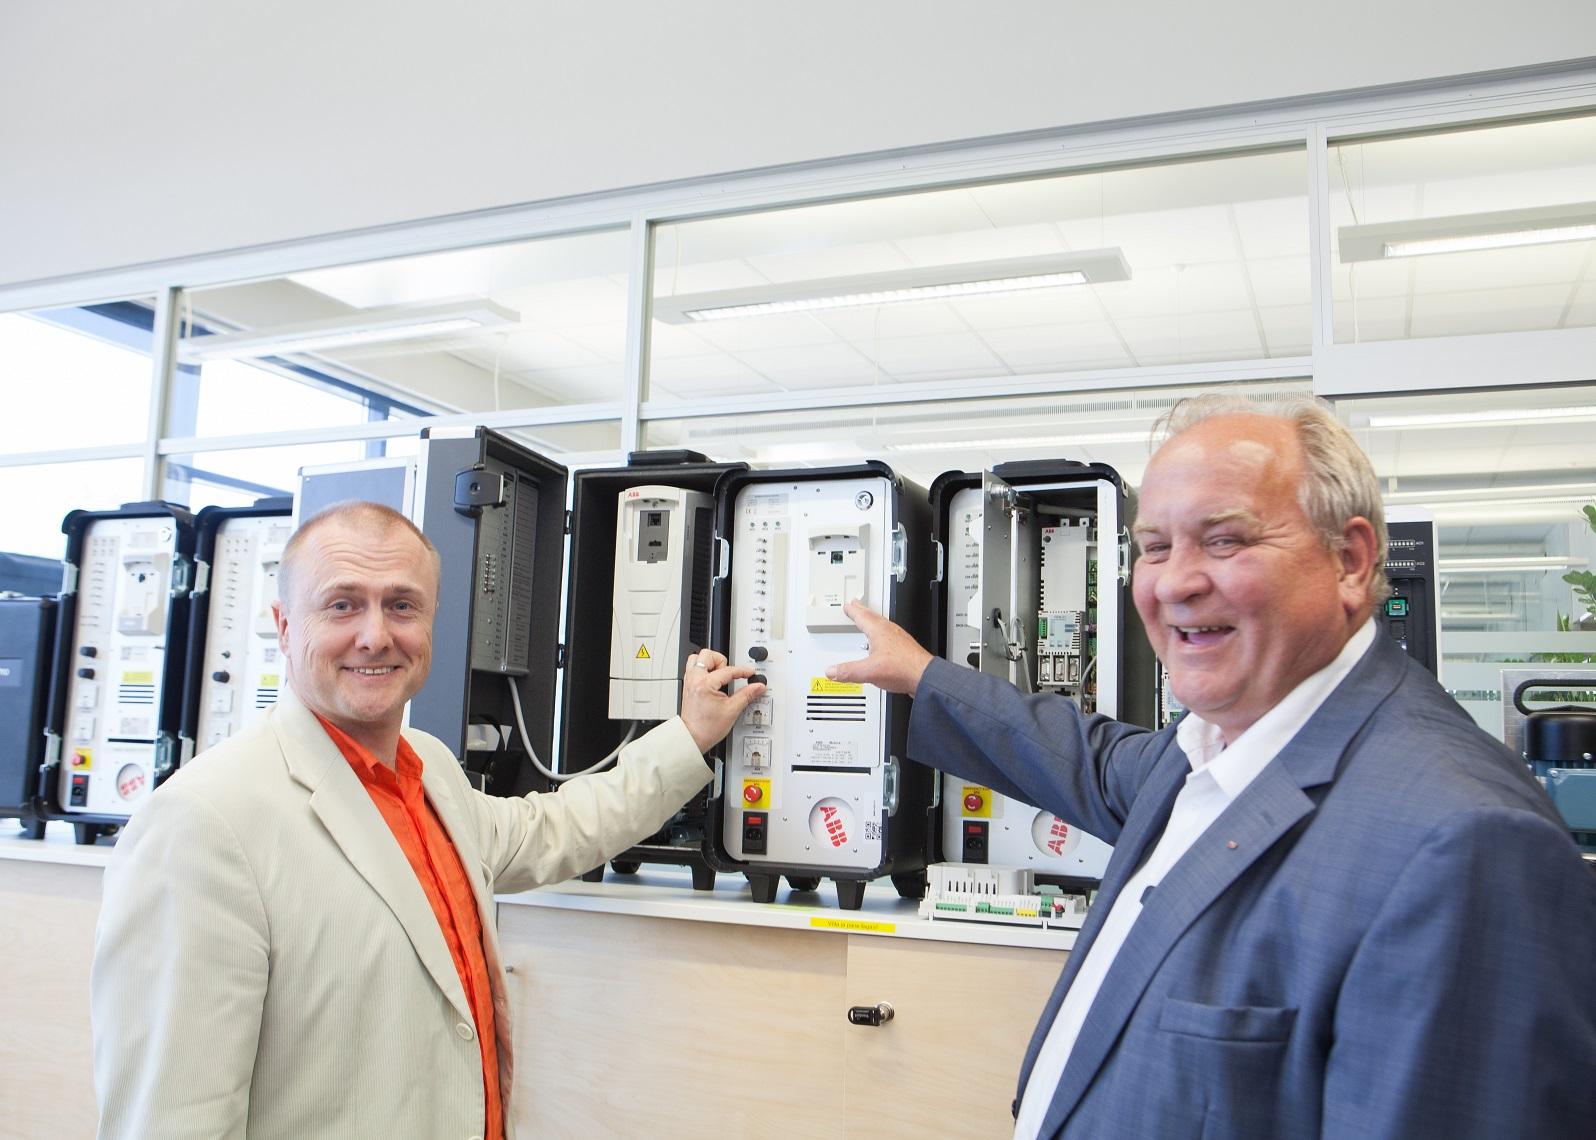 ABB on võtnud suuna targa tehase poole. Pildil ettevõtte juht Bo Henriksson ning Leho Kuusk, ettevõtte automaatikaprojektide äriüksuse juht Balti riikides. Foto:Julia-Maria Linna.